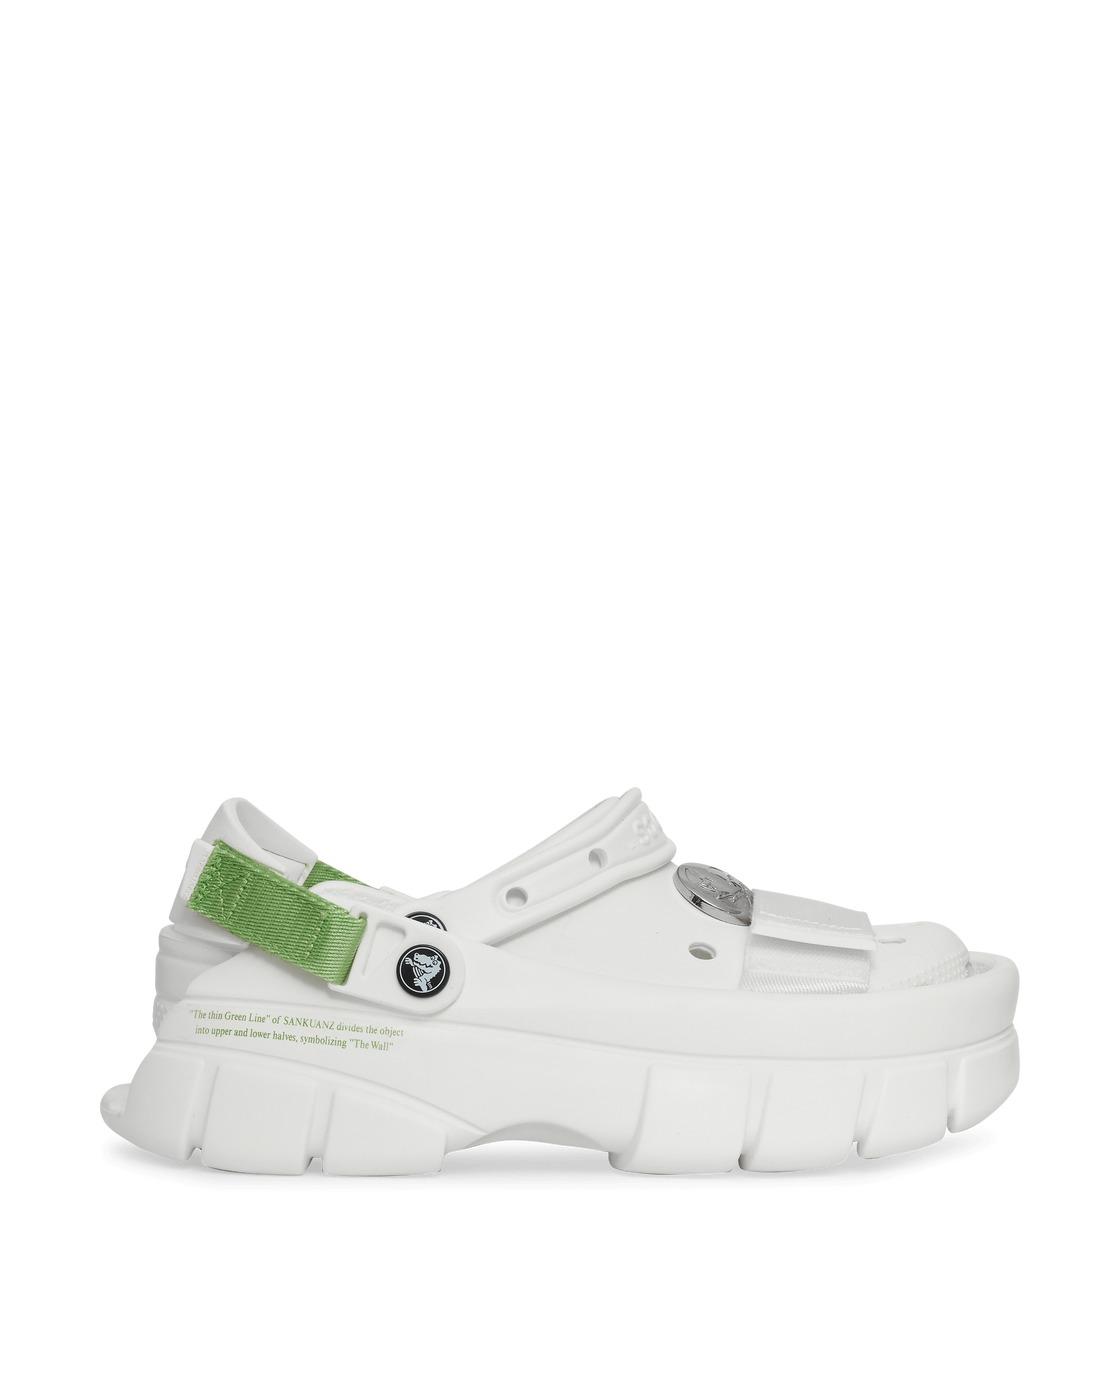 Photo: Crocs Sankuanz Classic Clogs White